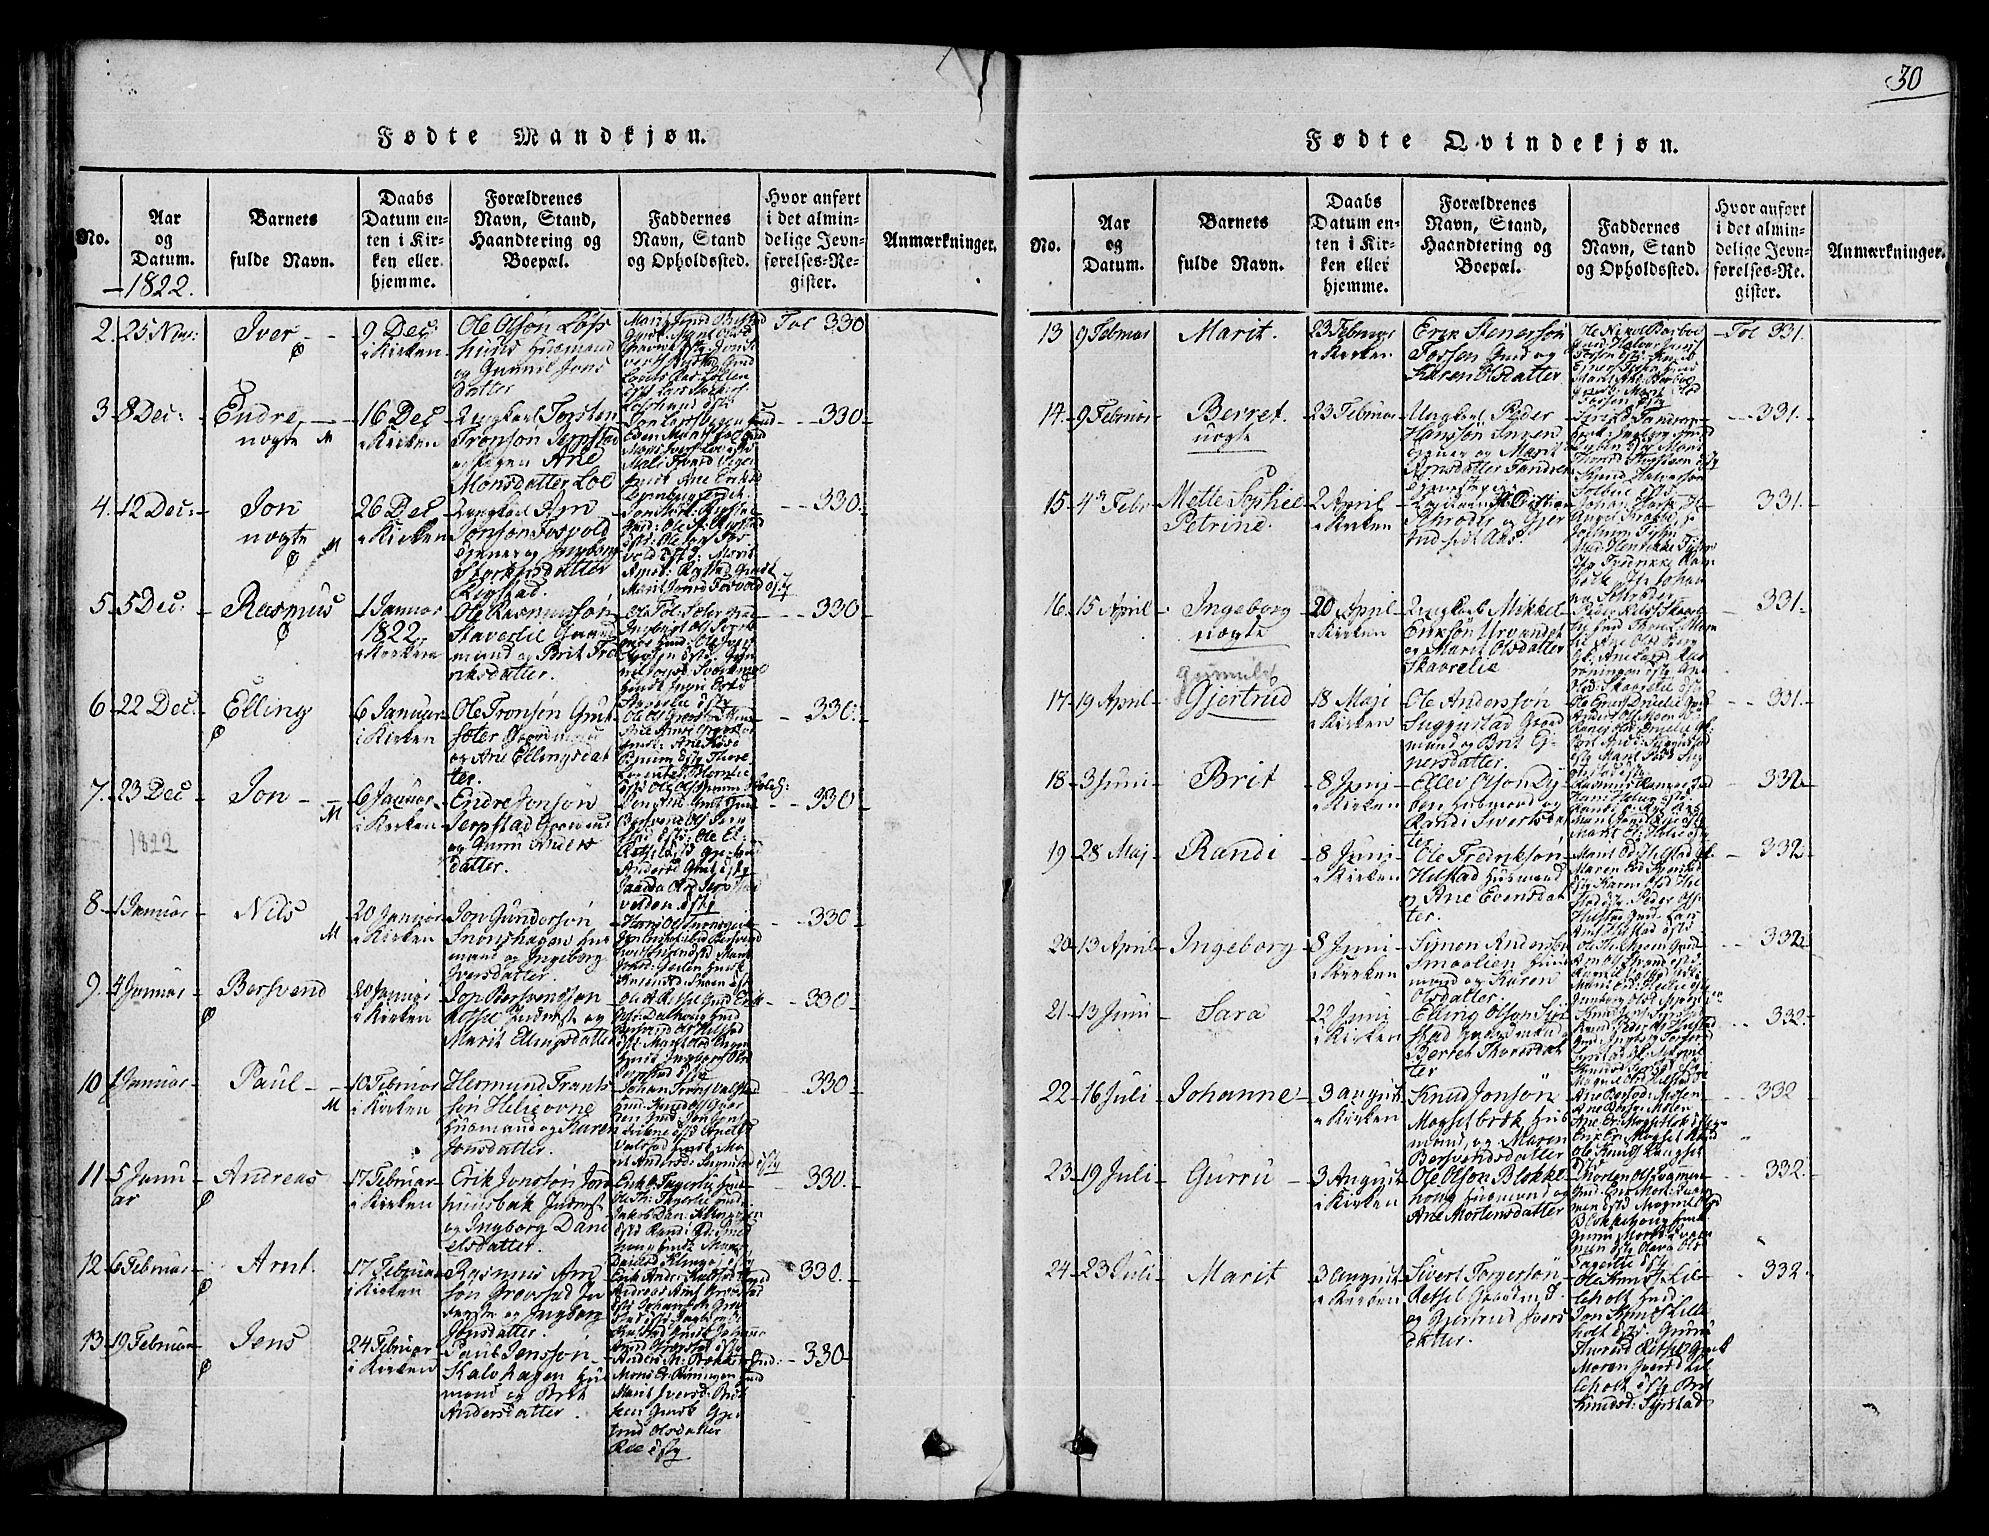 SAT, Ministerialprotokoller, klokkerbøker og fødselsregistre - Sør-Trøndelag, 672/L0853: Ministerialbok nr. 672A06 /1, 1816-1829, s. 30